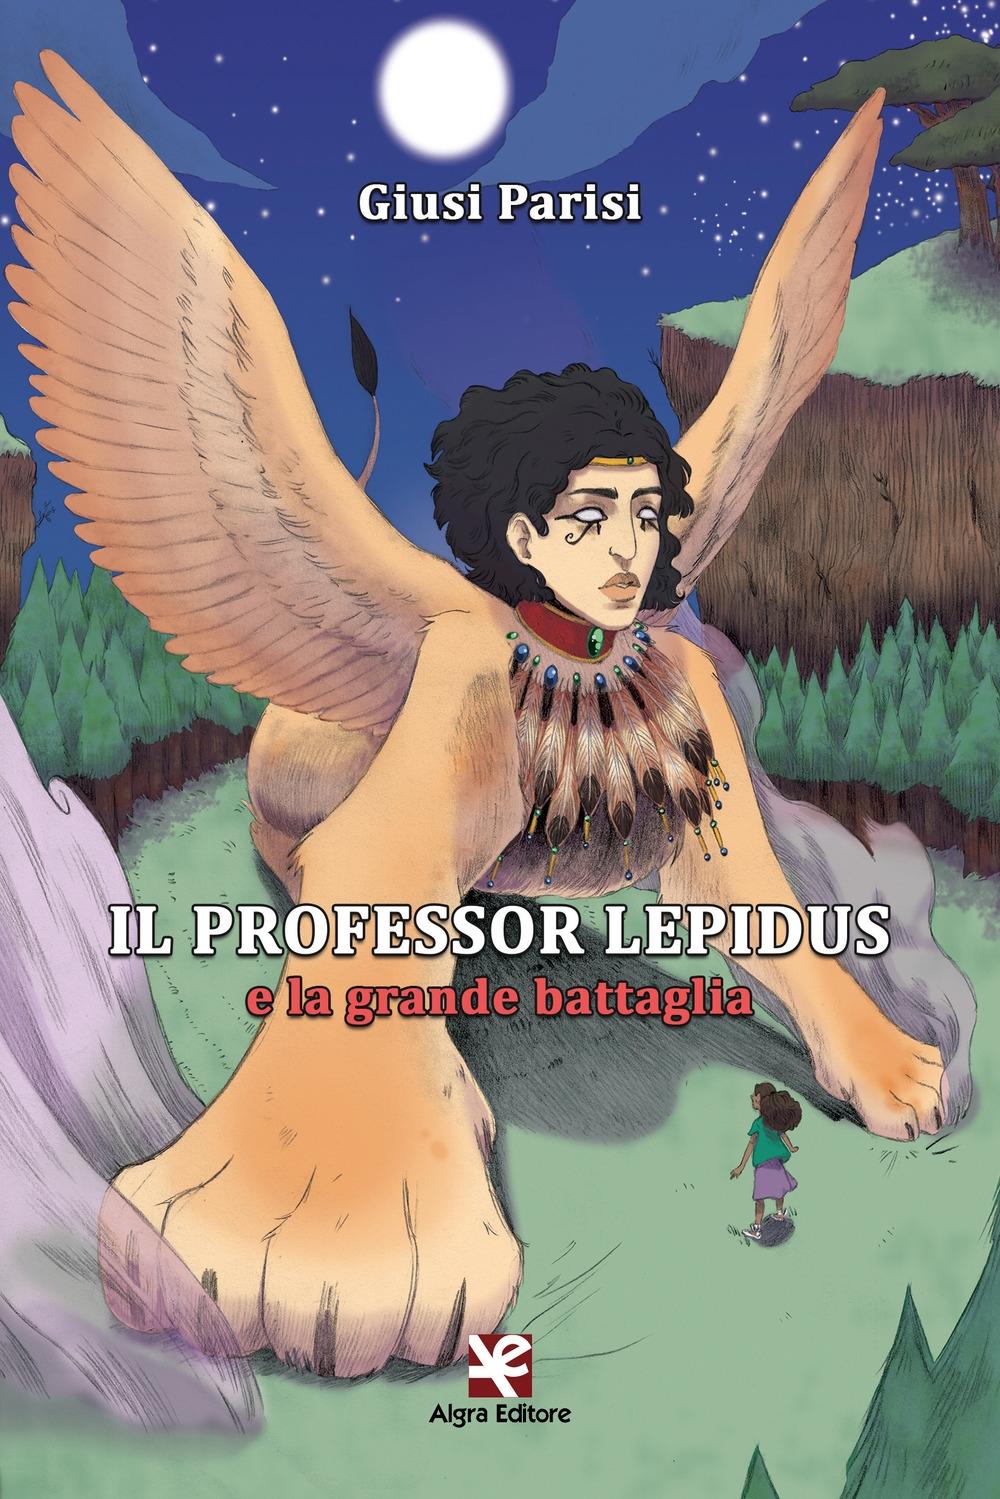 Il Professor Lepidus e la grande battaglia